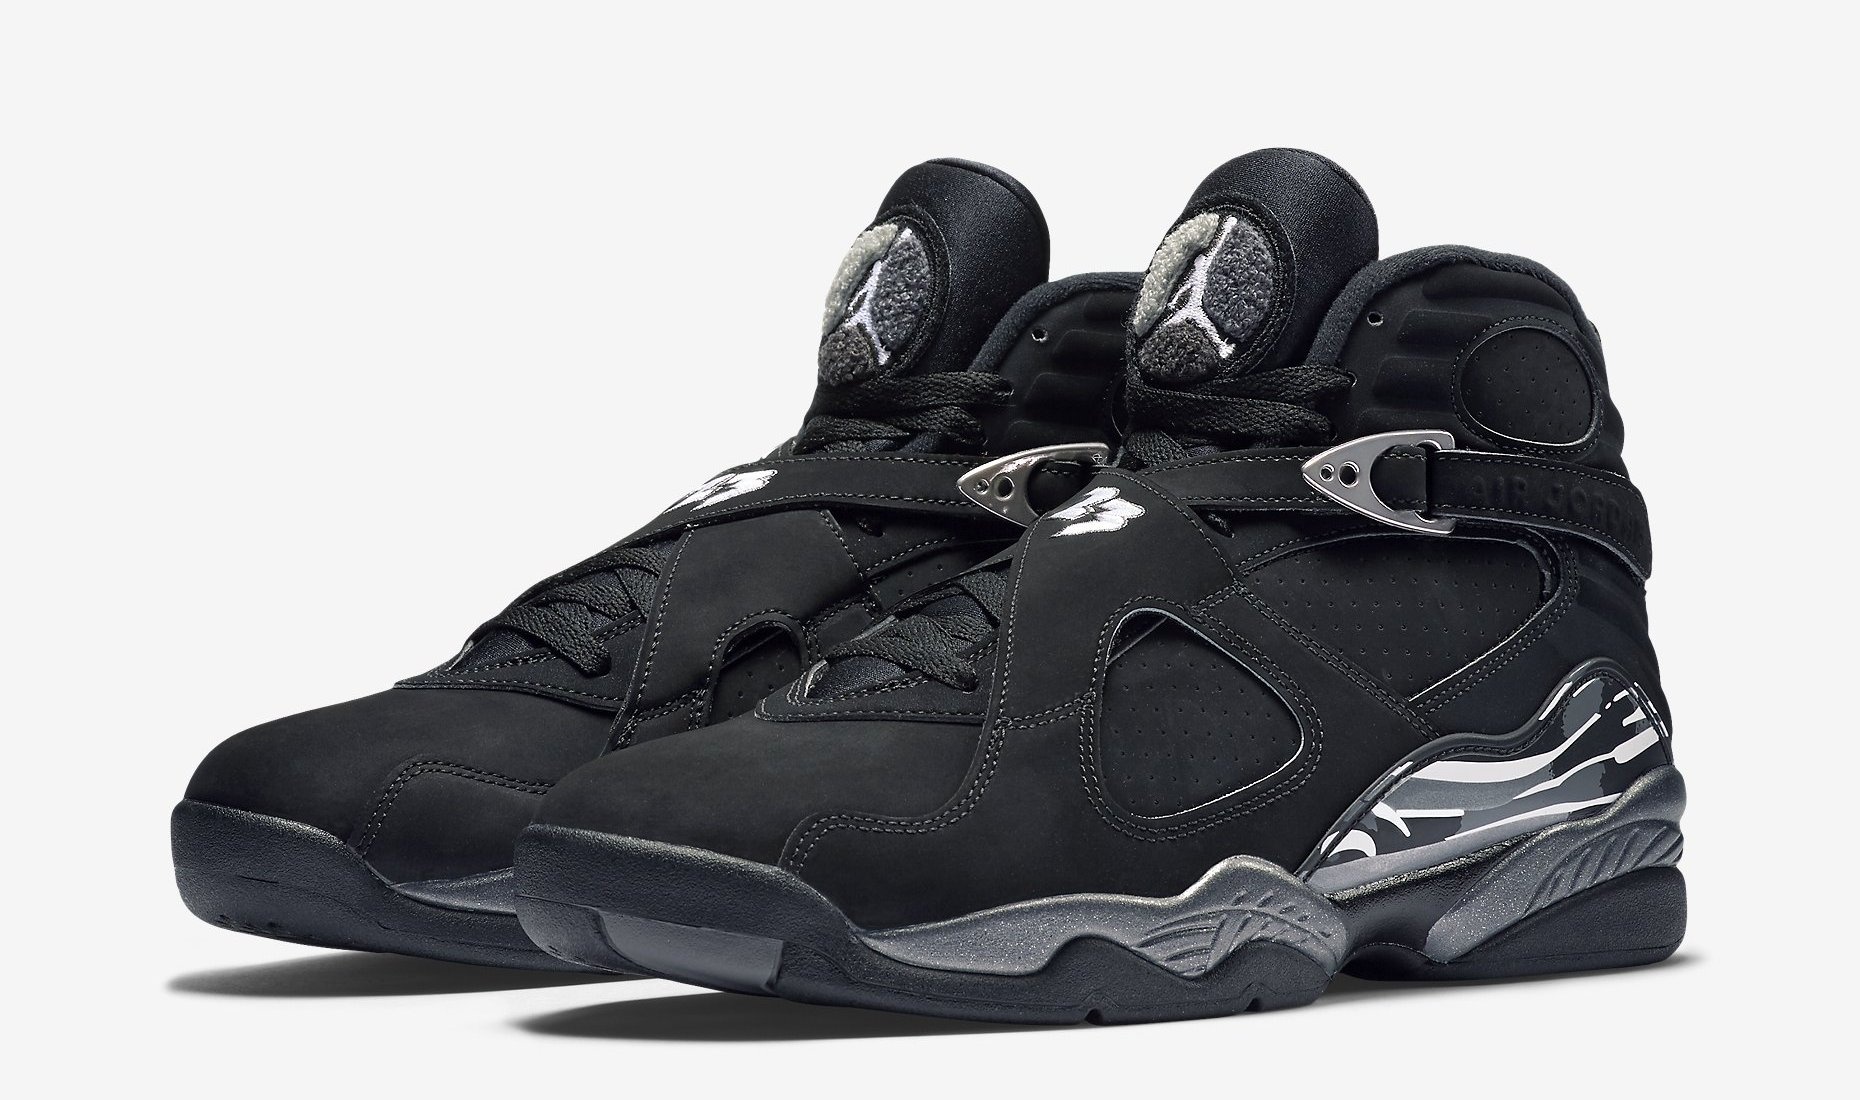 4791156613ce4d light graphite Archives - Air 23 - Air Jordan Release Dates ...